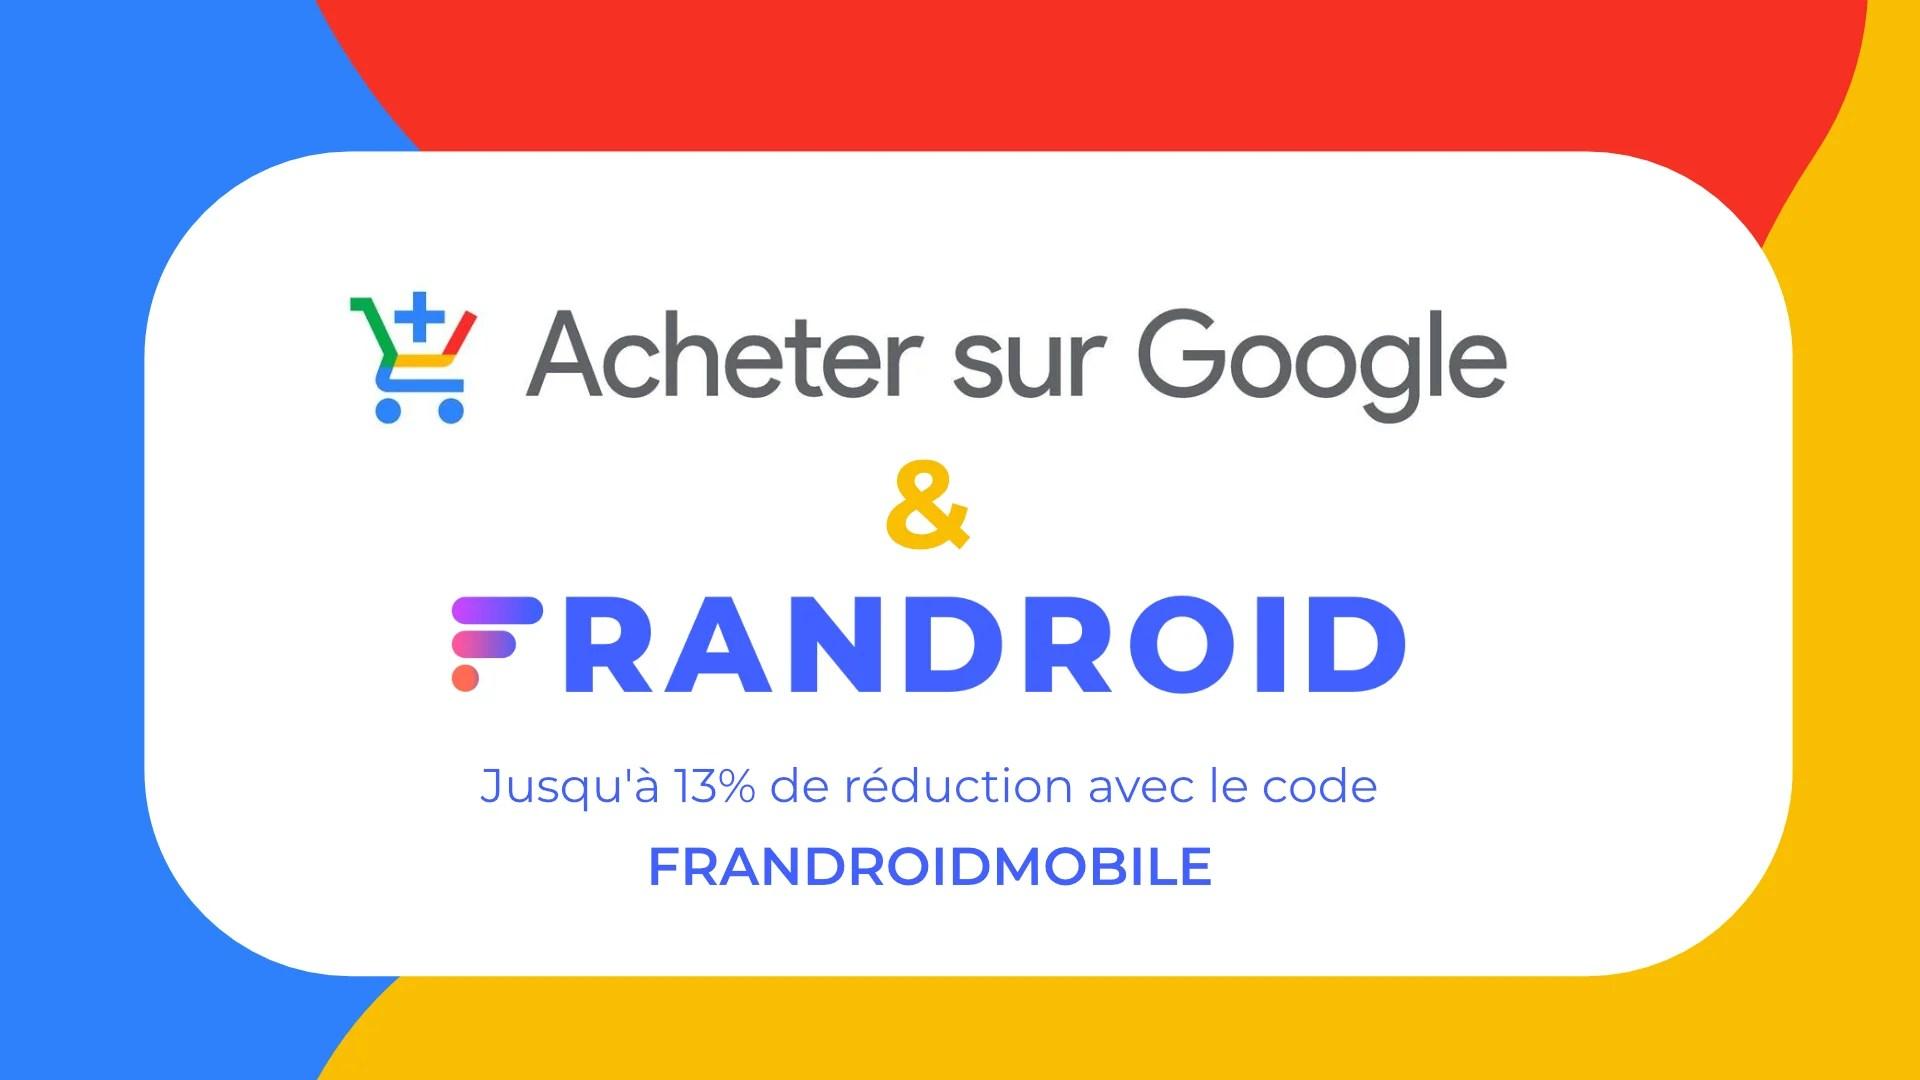 Frandroid et Acheter sur Google : un code promo exclusif sur notre sélection smartphones et accessoires